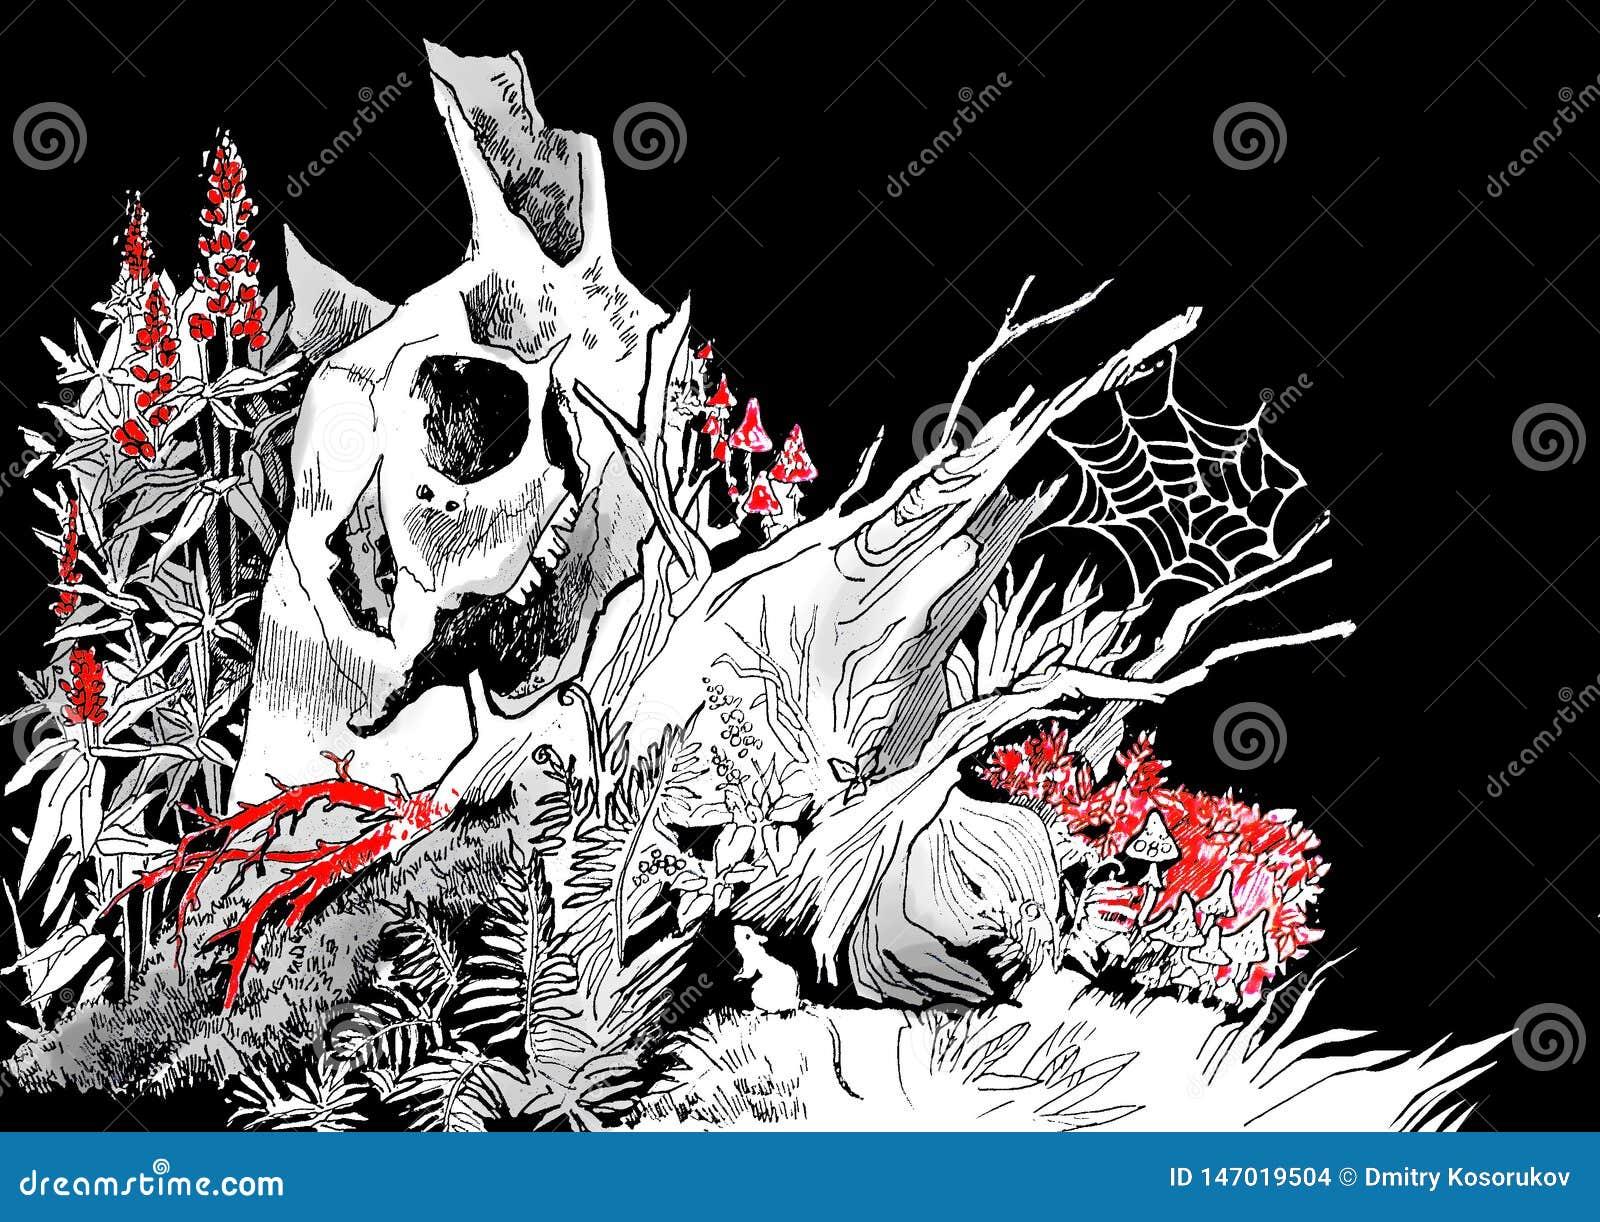 Illustratie van een oude rotte boomstomp